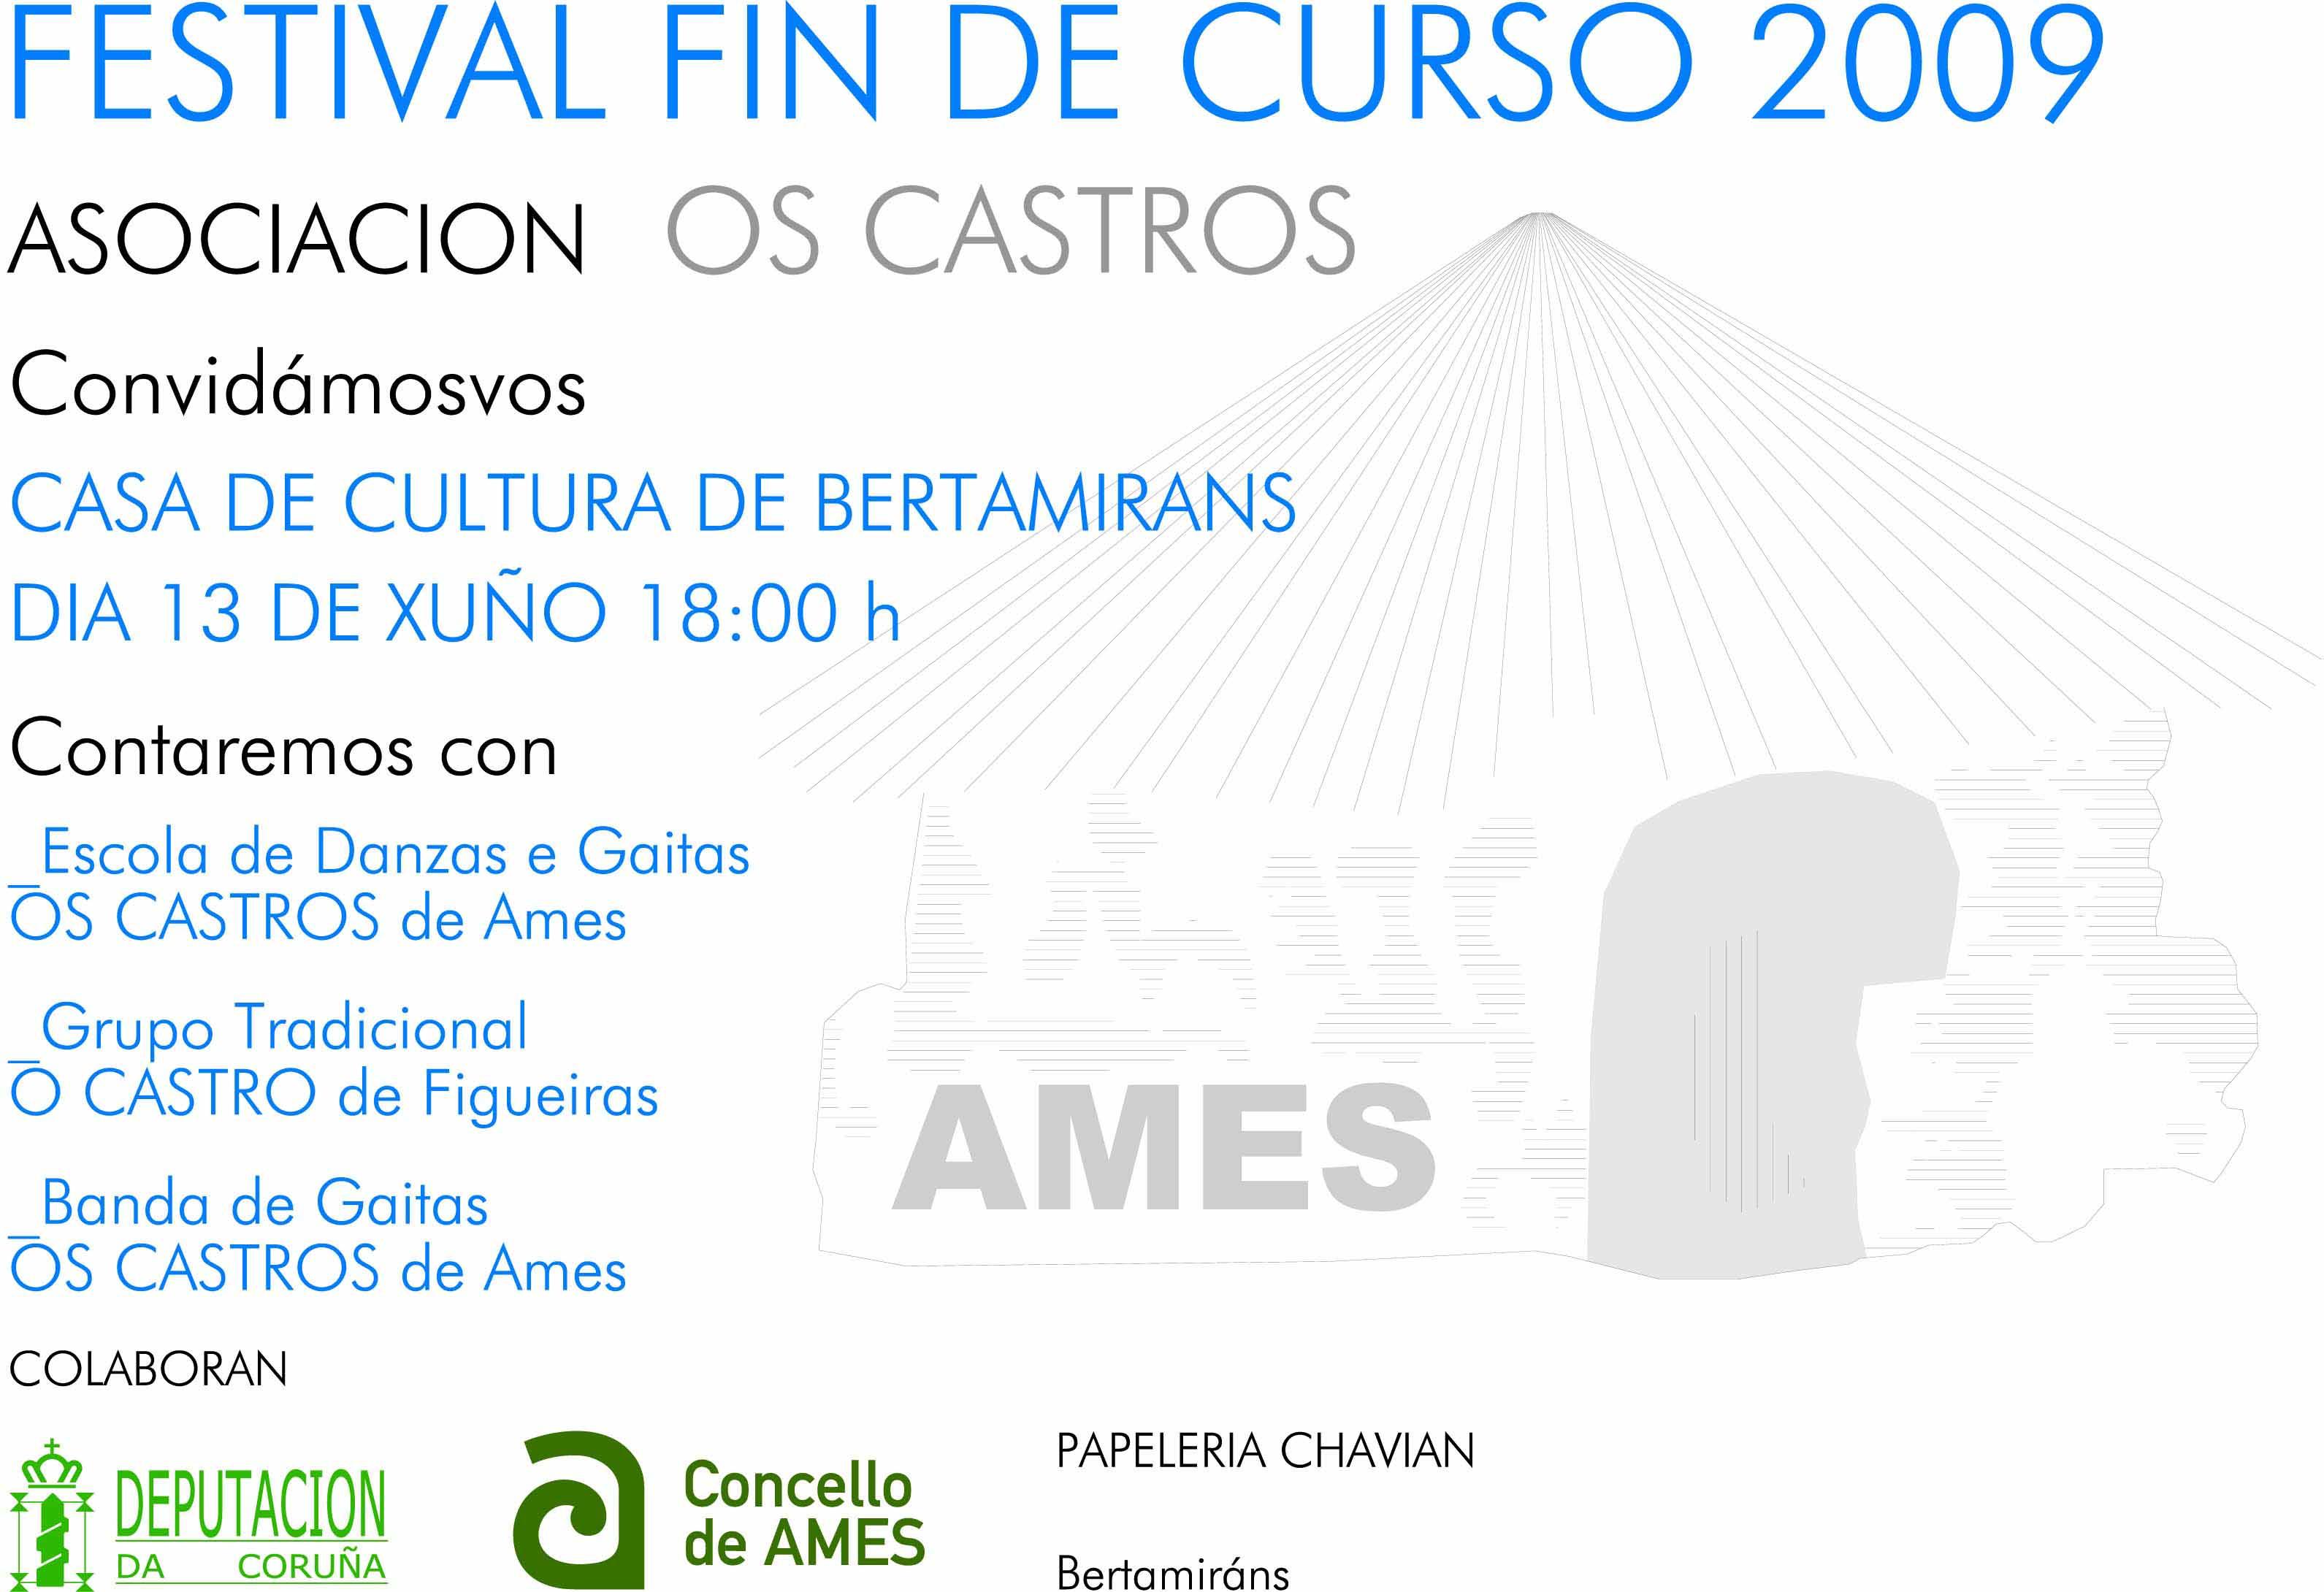 cartel-festival-fin-de-curso-2009-br.jpg